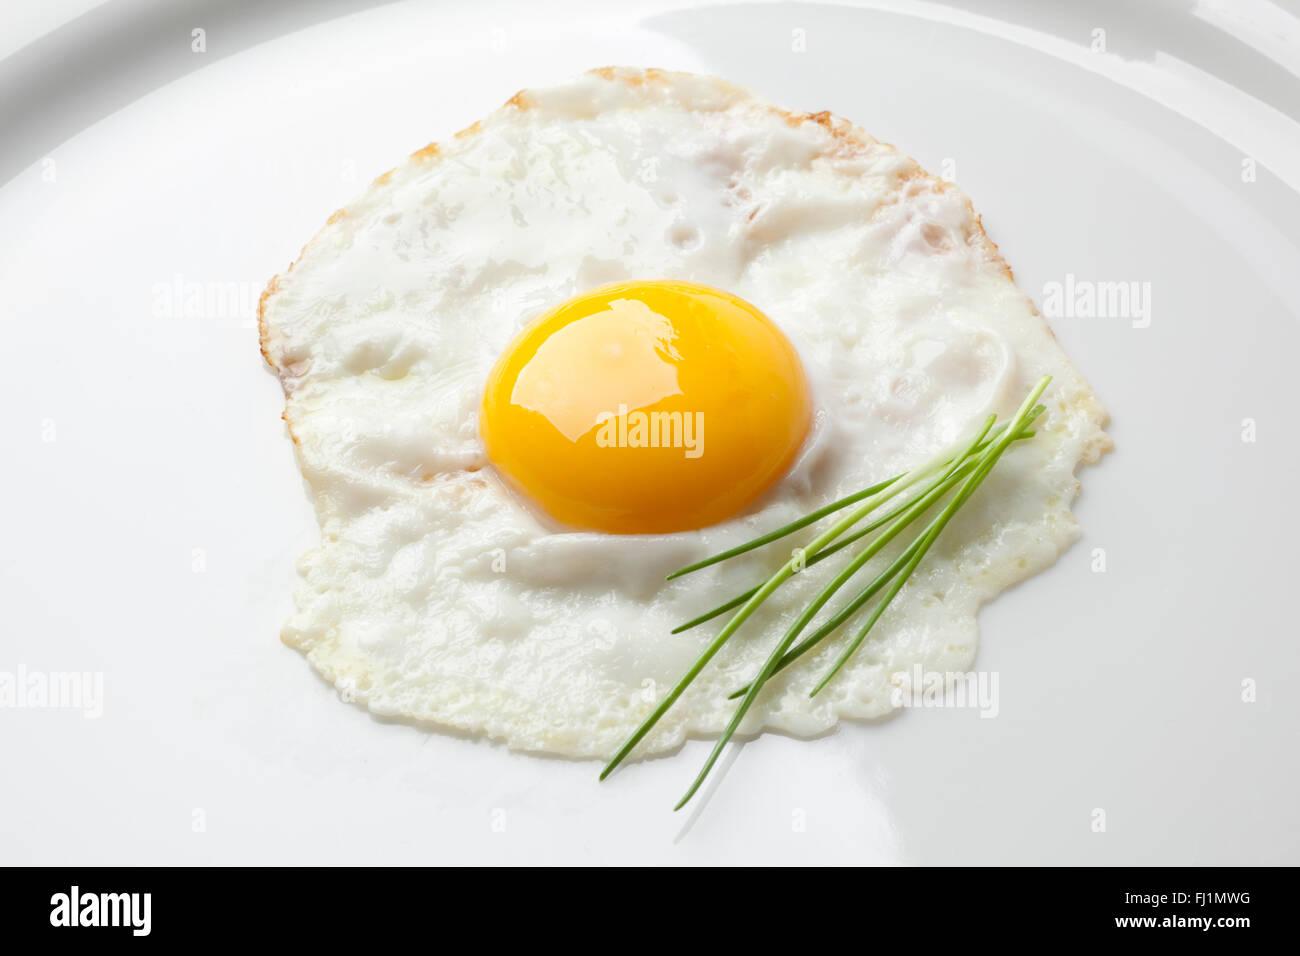 Huevo frito sunny side up with chive sobre una placa blanca. Imagen De Stock